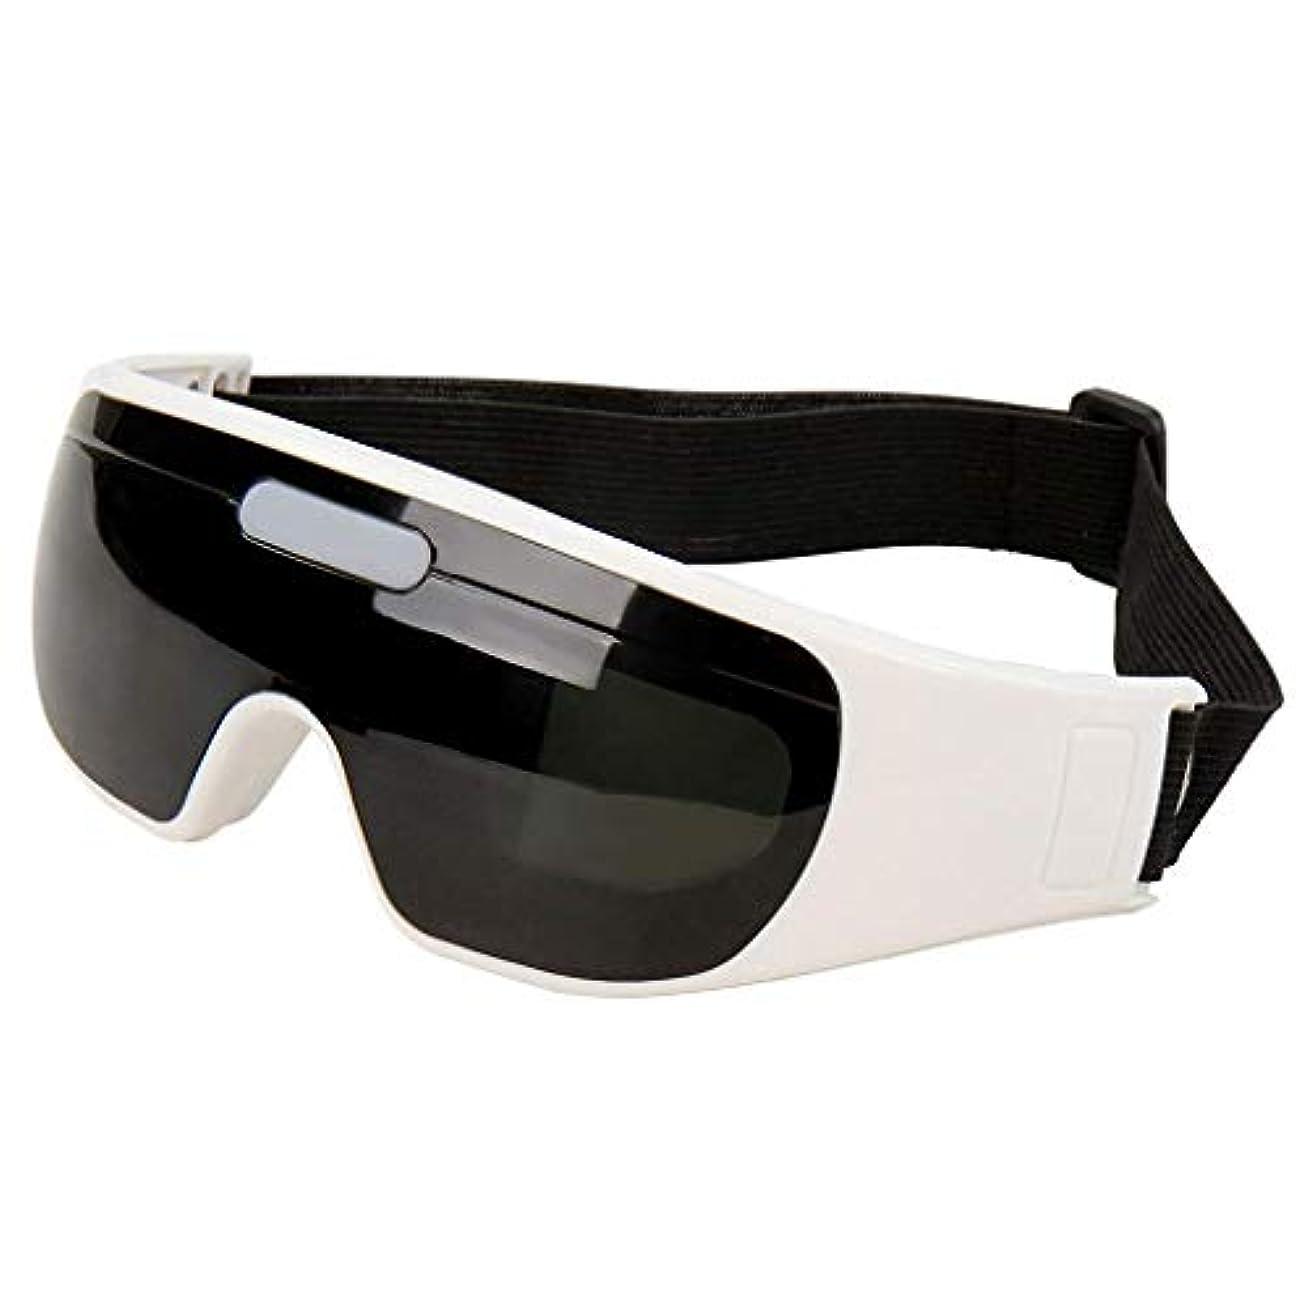 セクタ衛星引退するアイマッサージメガネ、24ソフトマッサージセンサーメガネ、磁気療法アイマッサージャー、9モード電動アイマッサージャー健康、リラクゼーション、鍼